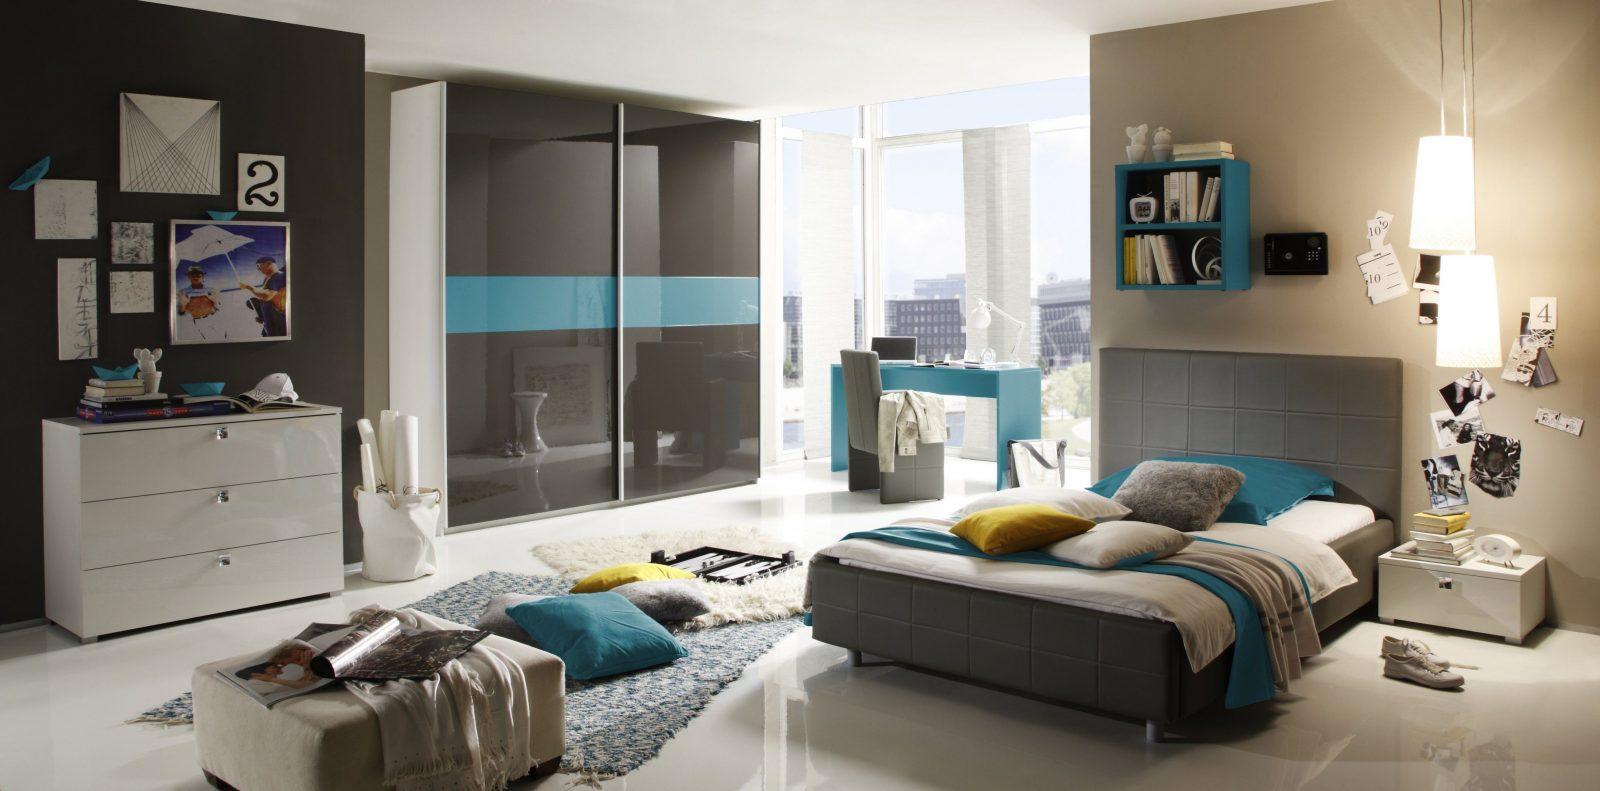 ... Jugendzimmer Für Jungs Modern Blau Ebenfalls Von Jugendzimmer Für Jungs  Modern Bild